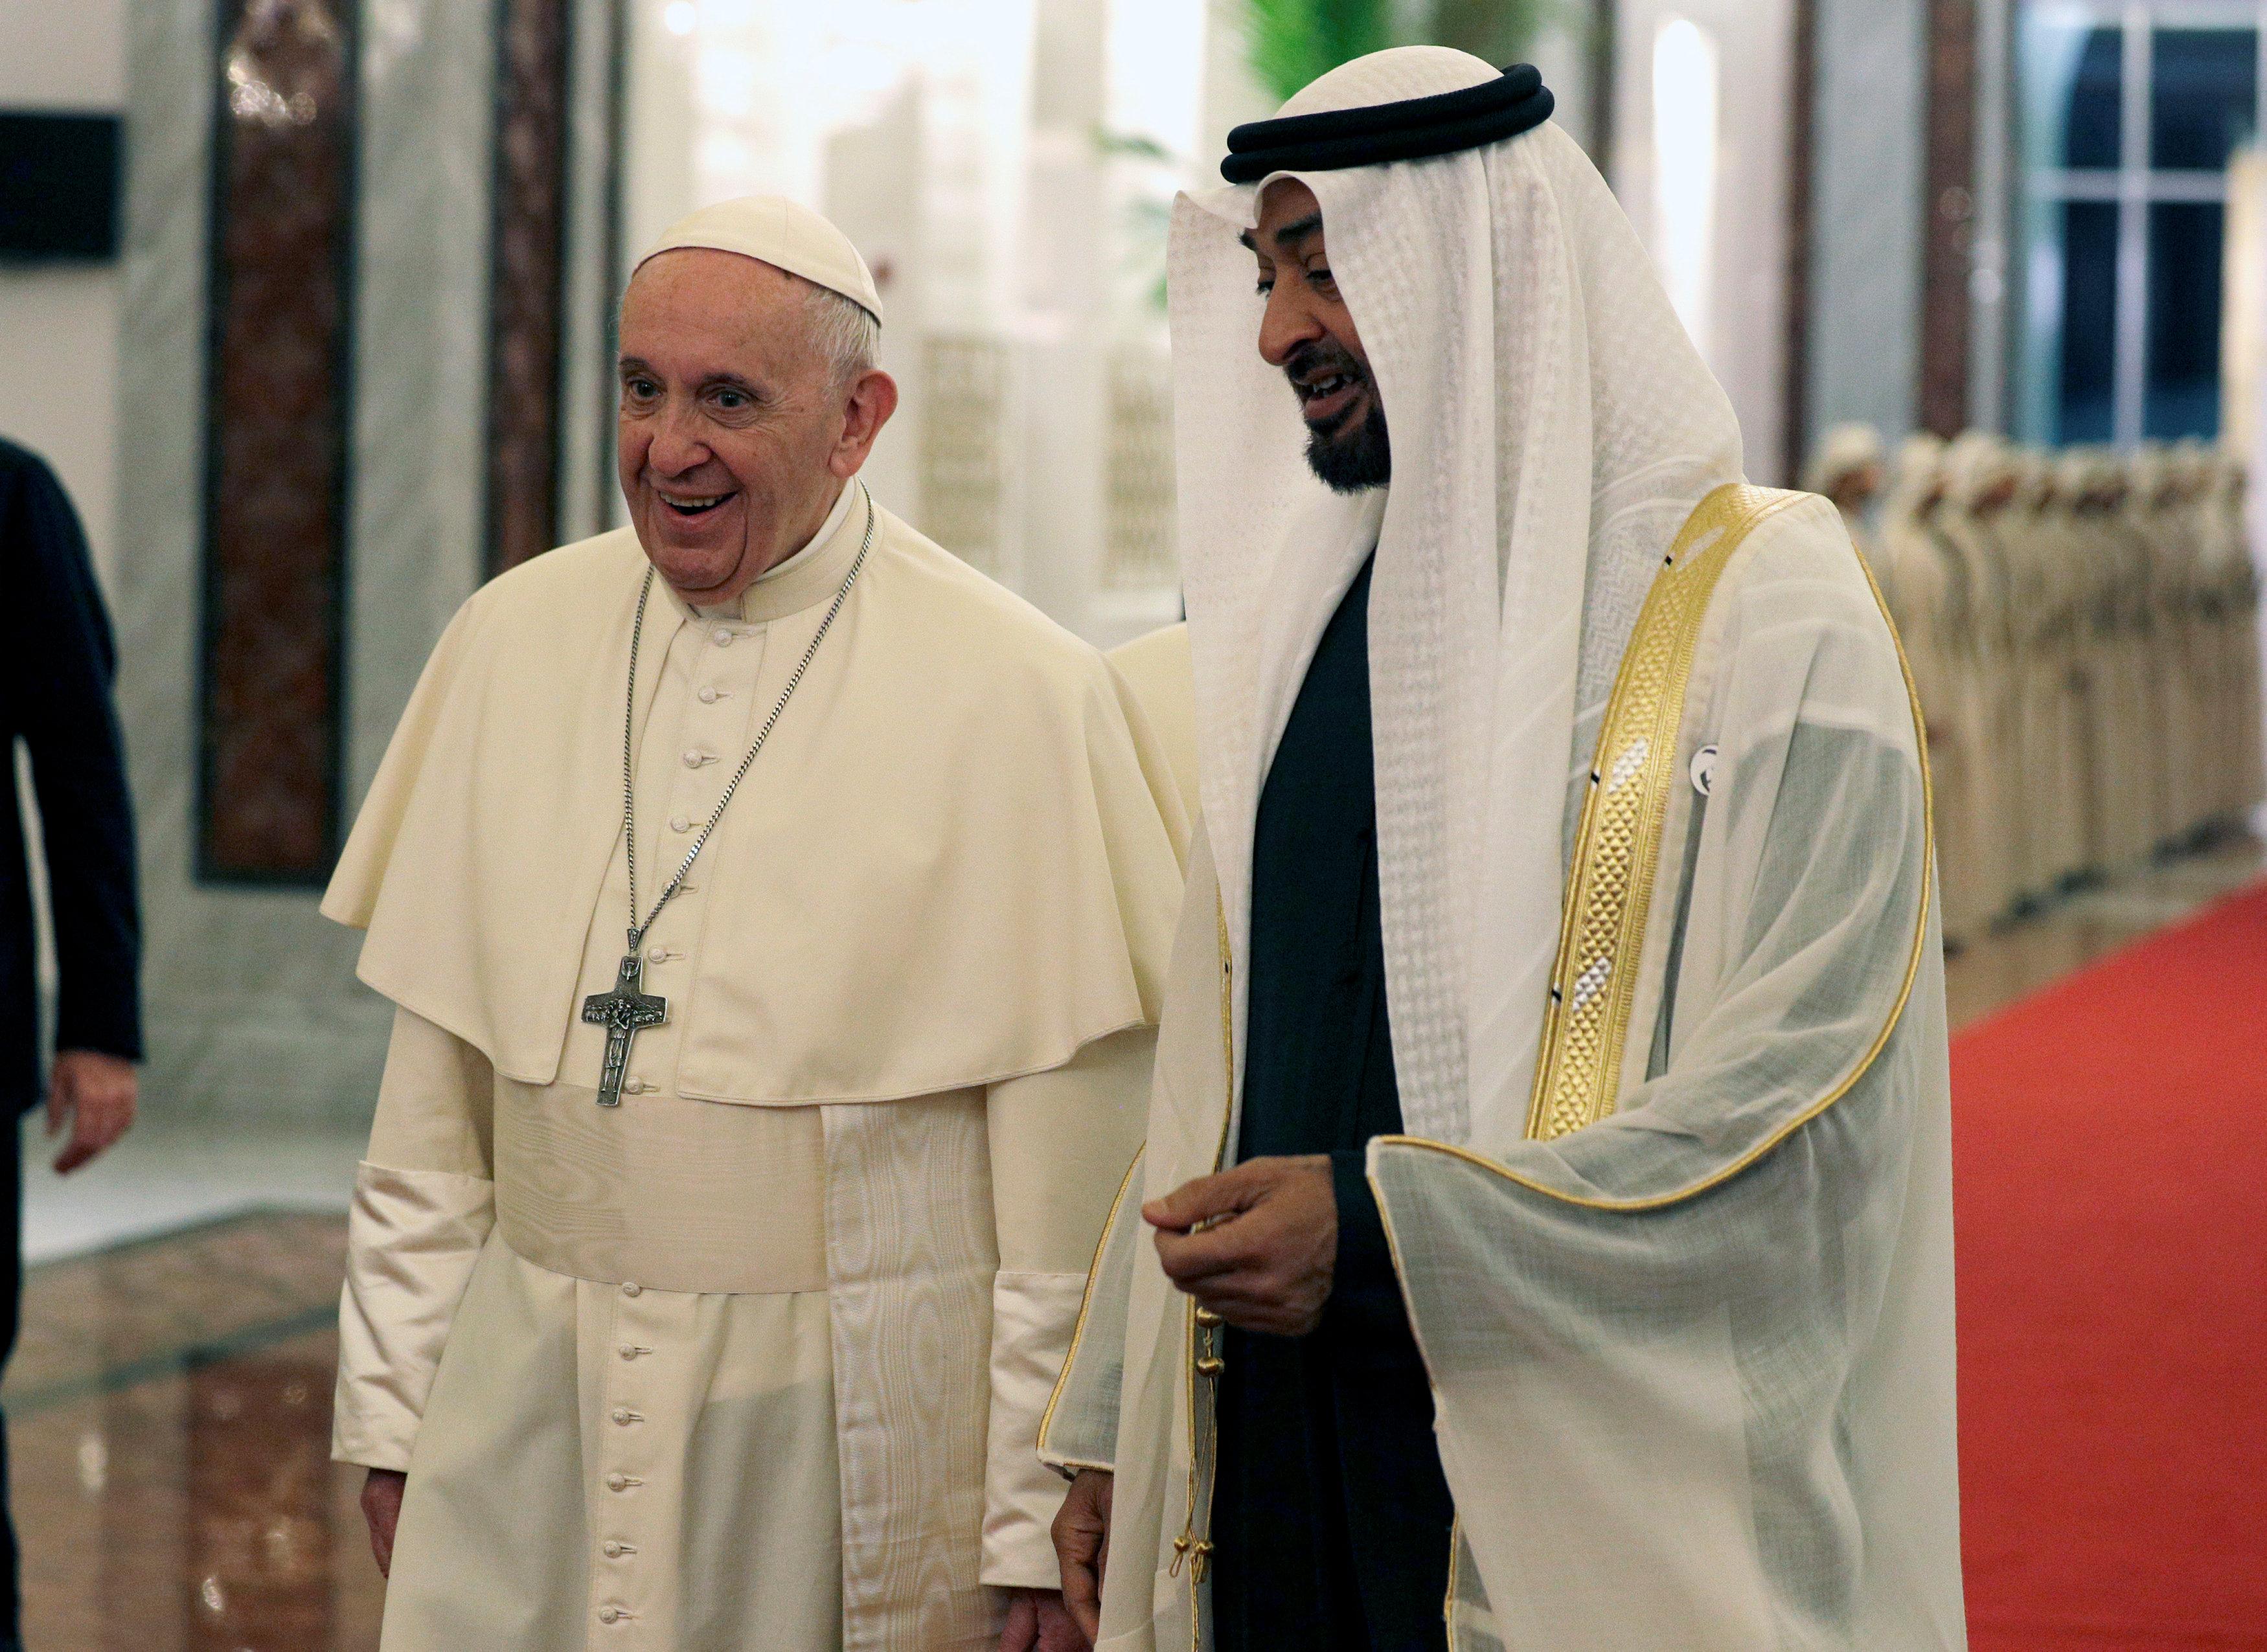 الشيخ محمد بن زايد يرحب بالبابا فرانسيس